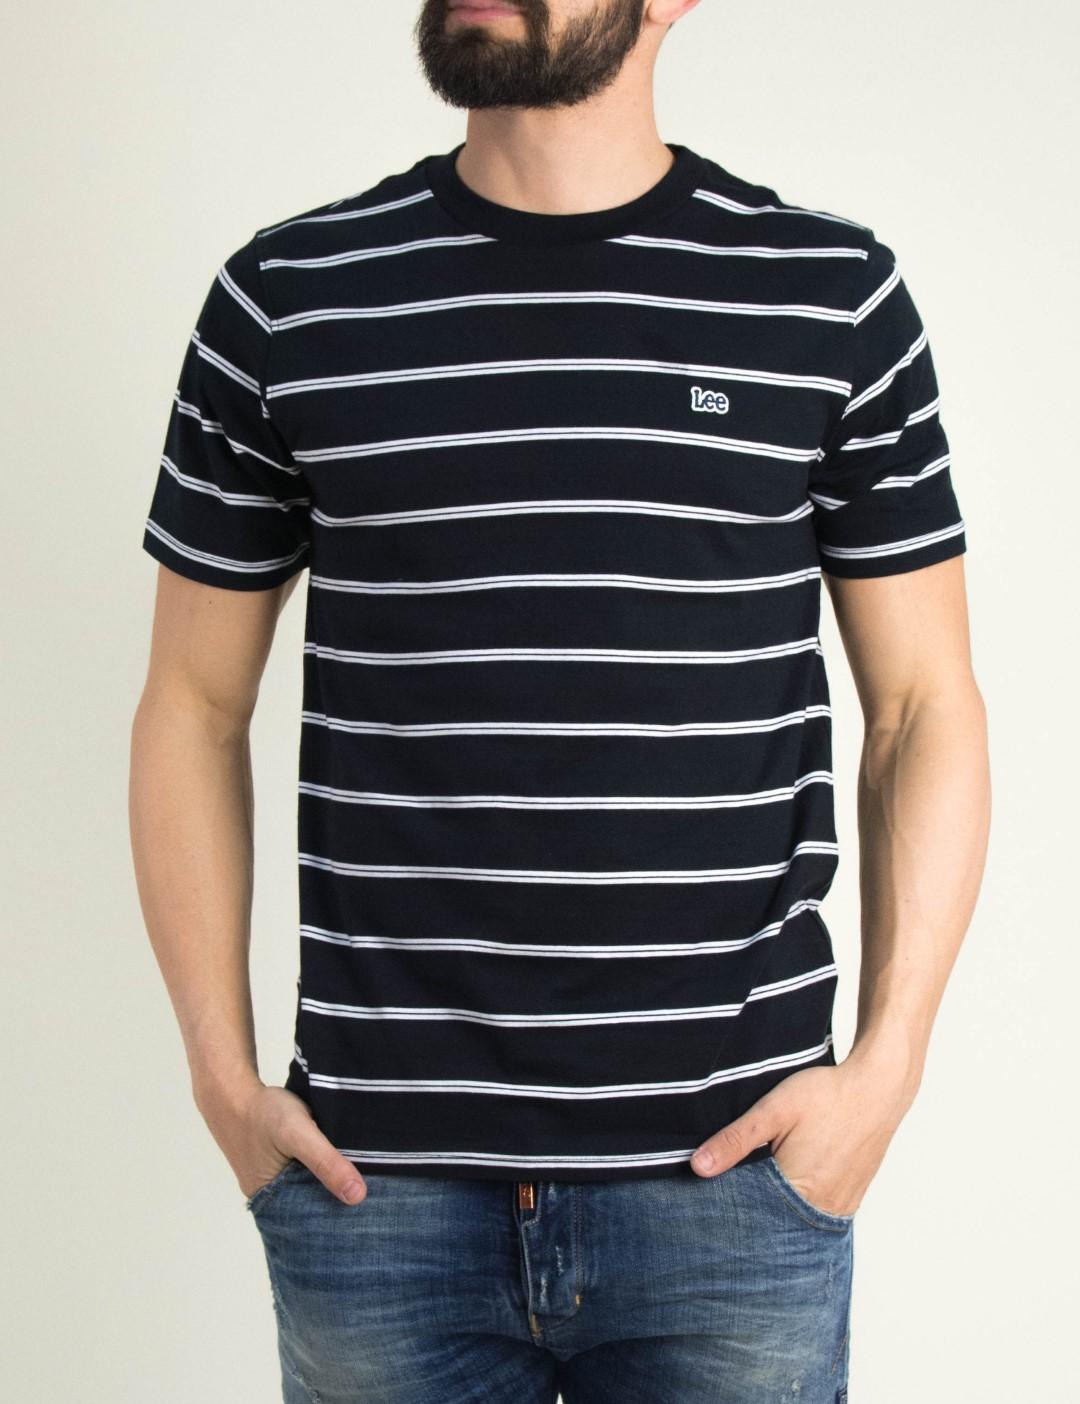 13e31651a654 Ανδρικό μαύρο με ρίγες κοντομάνικο μπλουζάκι Lee L61BWQ01